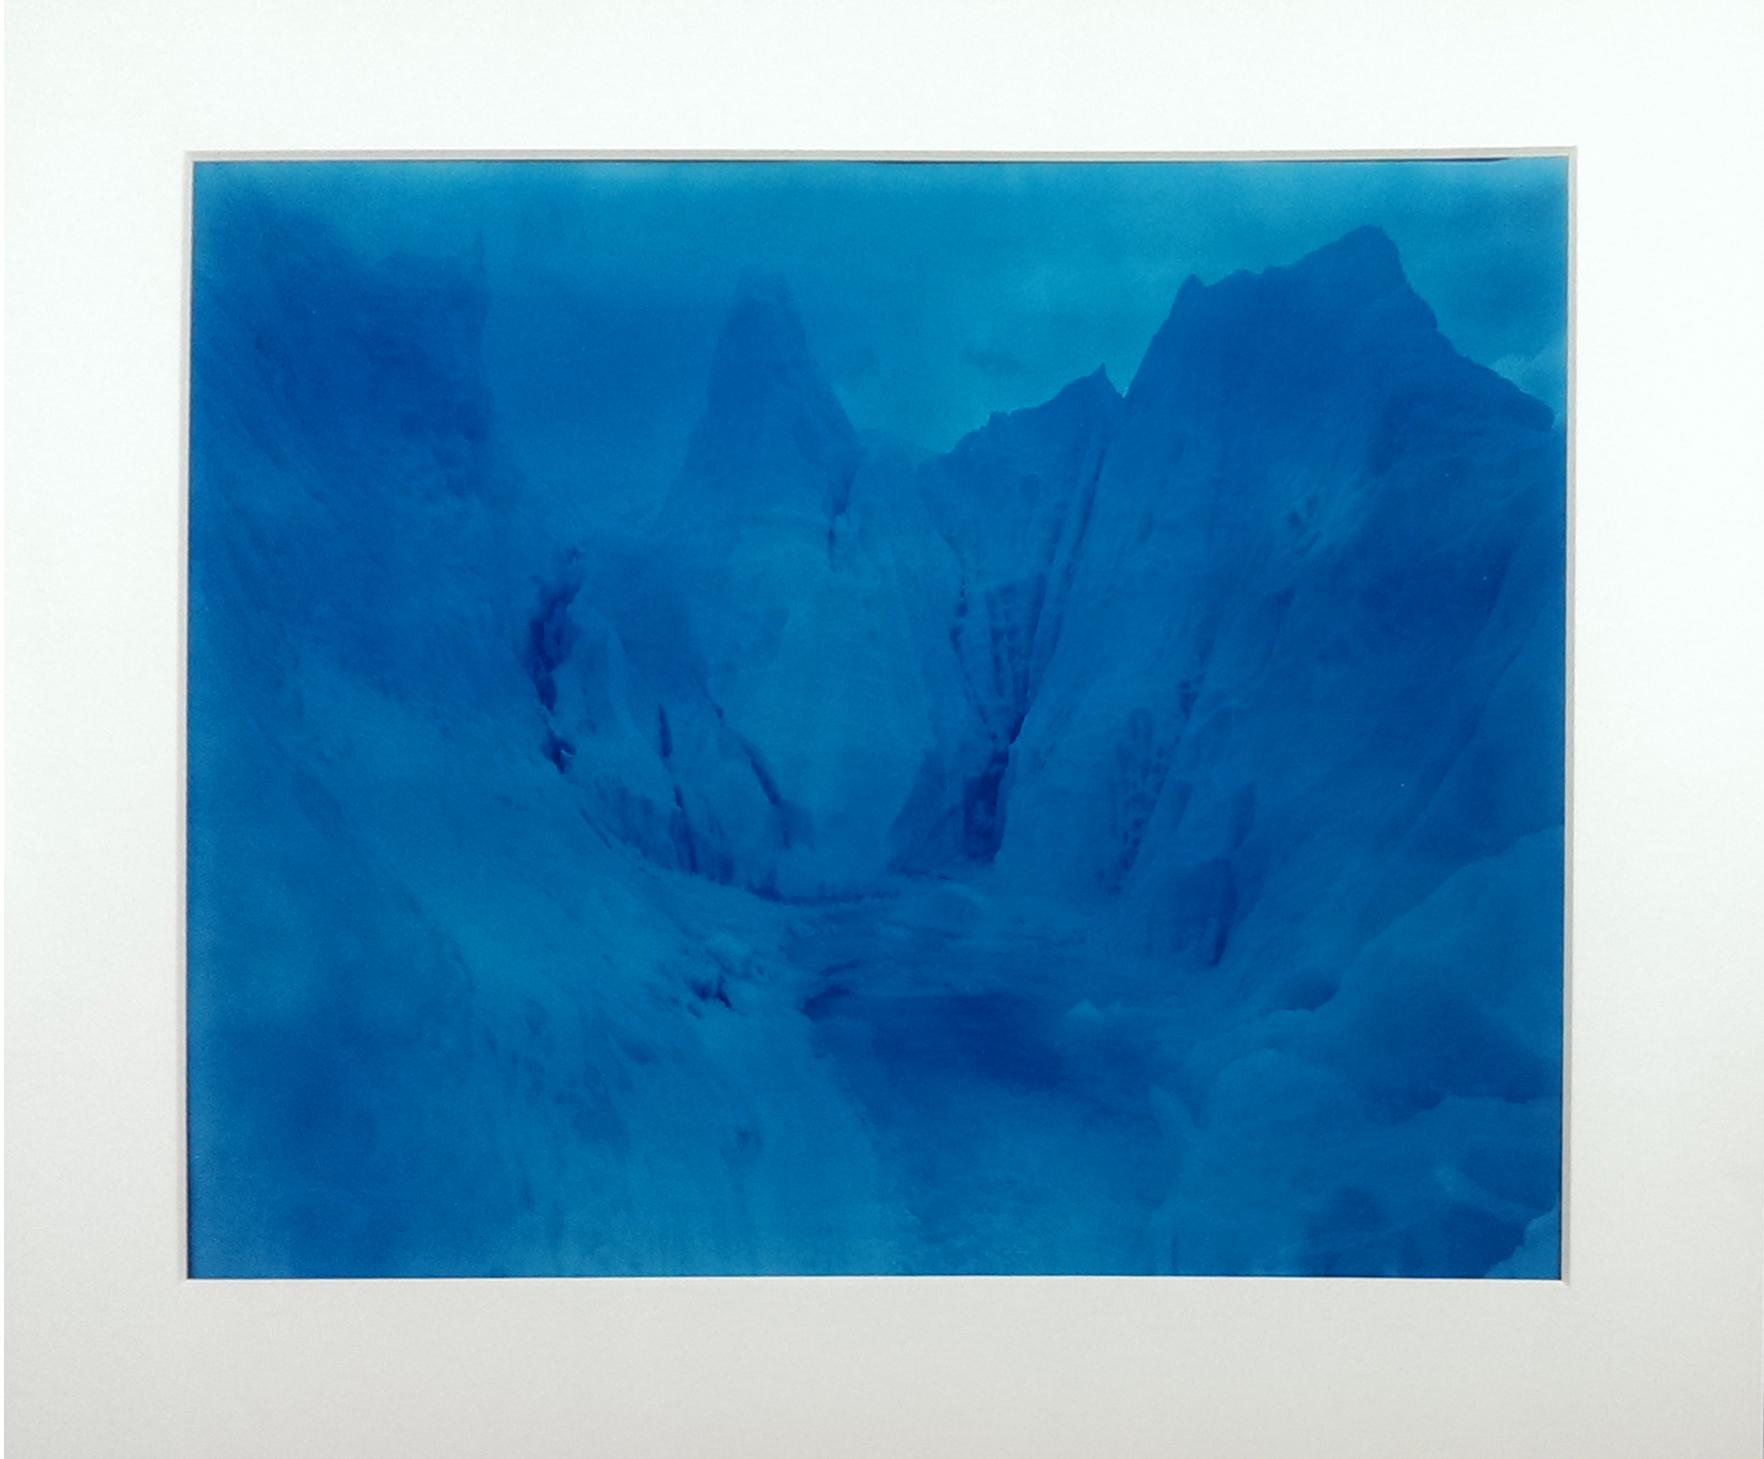 Glacier No. 7